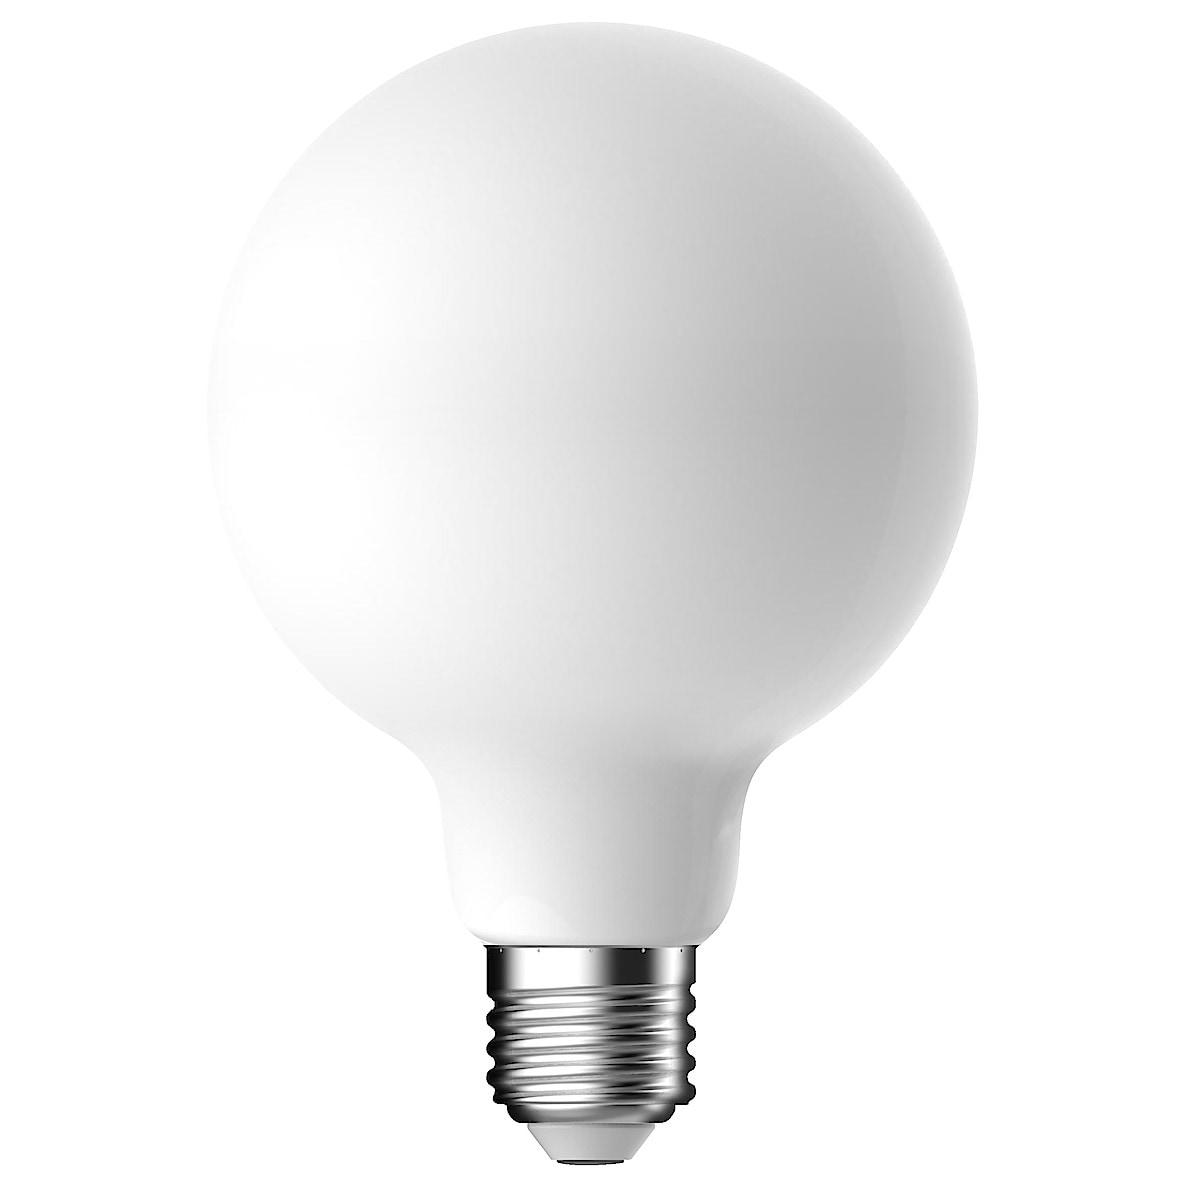 Dimbar dekorationslampa LED Opal E27, Northlight